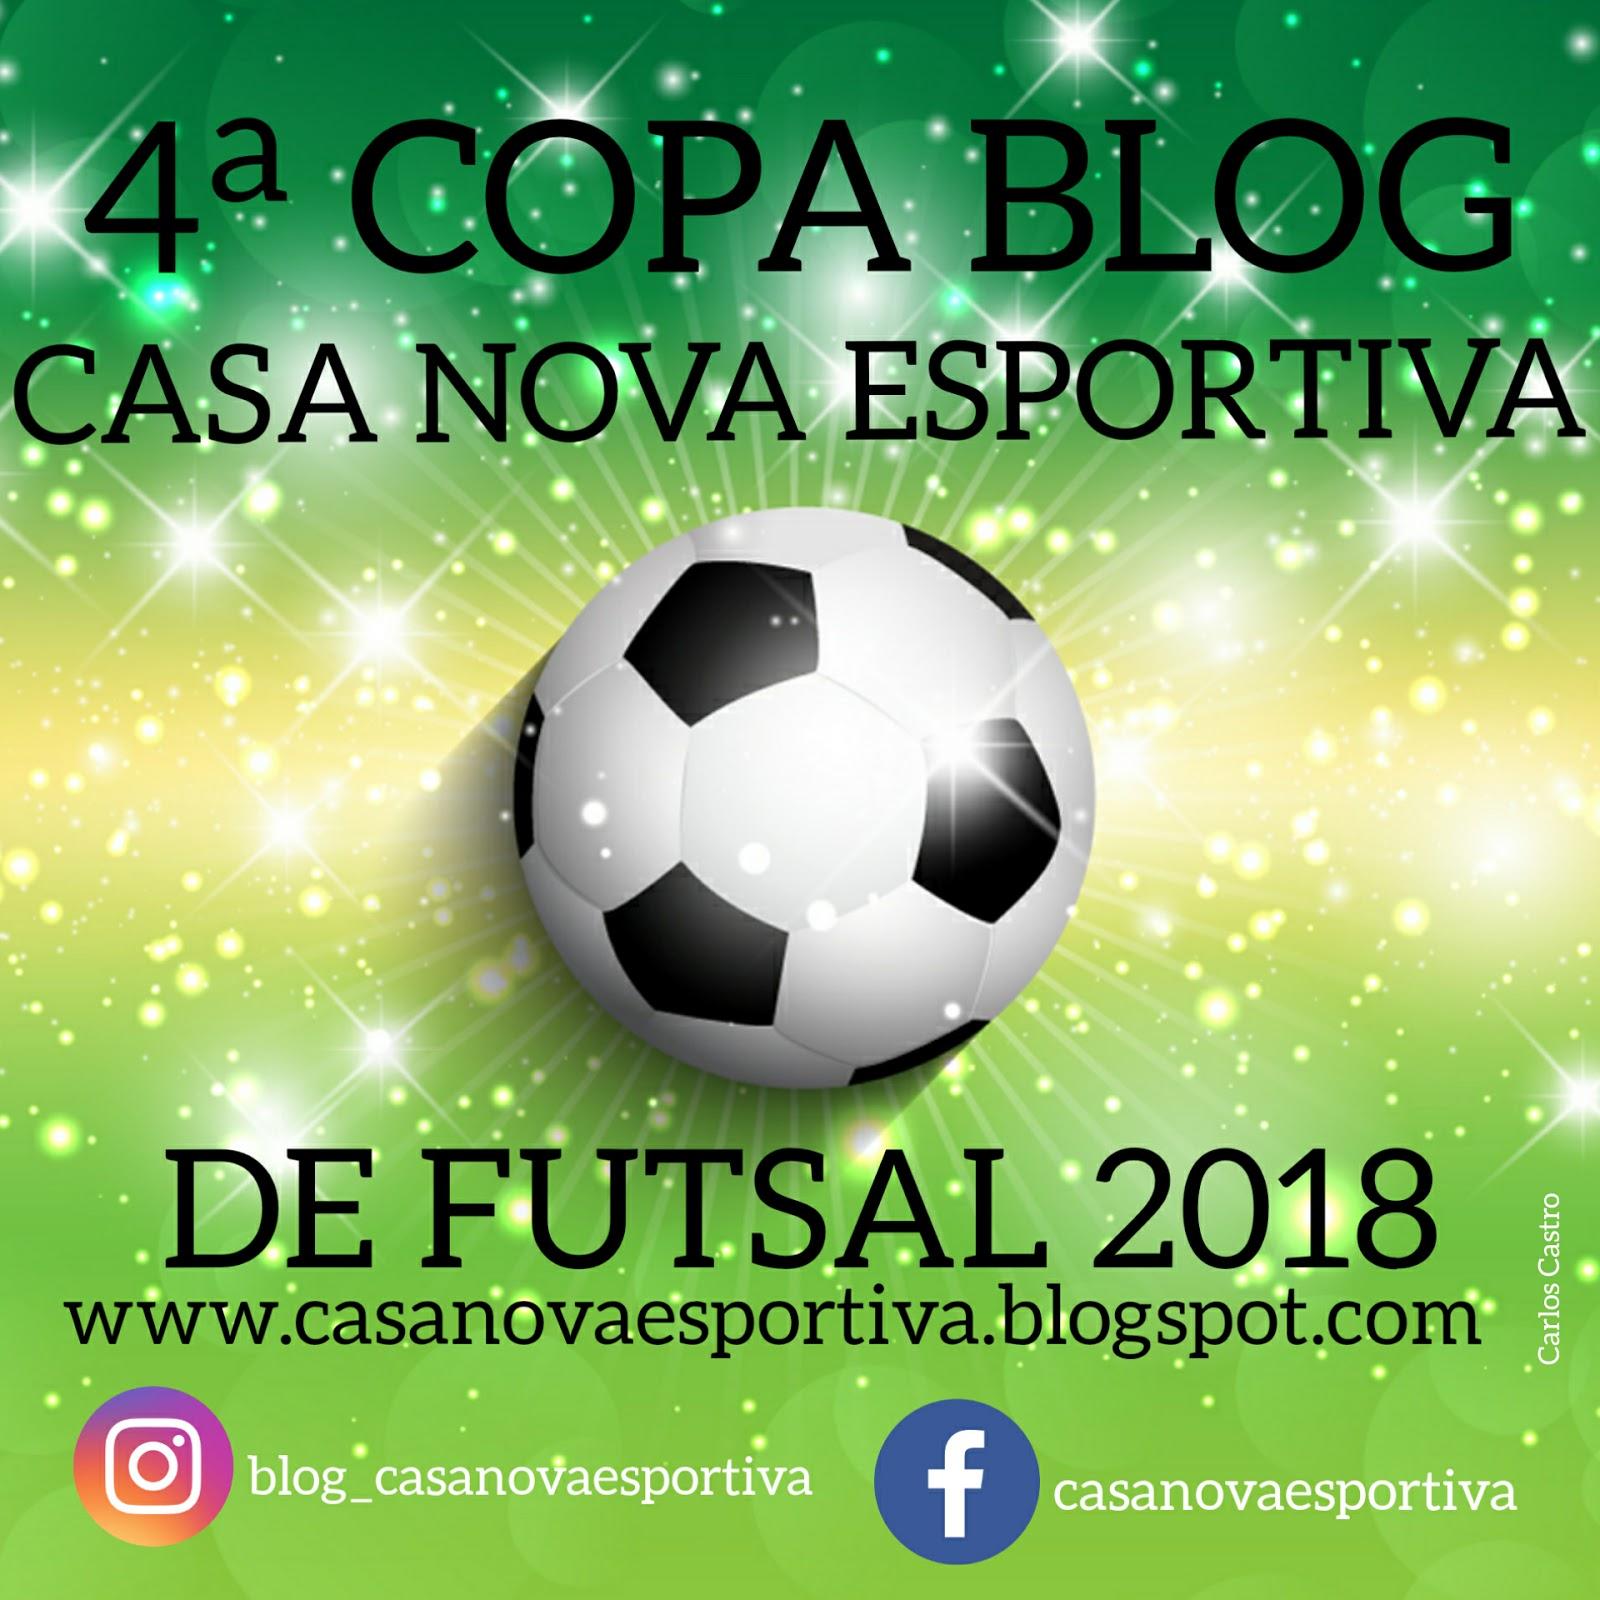 f08556eac Início da COPA BLOG CASA NOVA ESPORTIVA DE FUTSAL foi adiado para 25 de  agosto